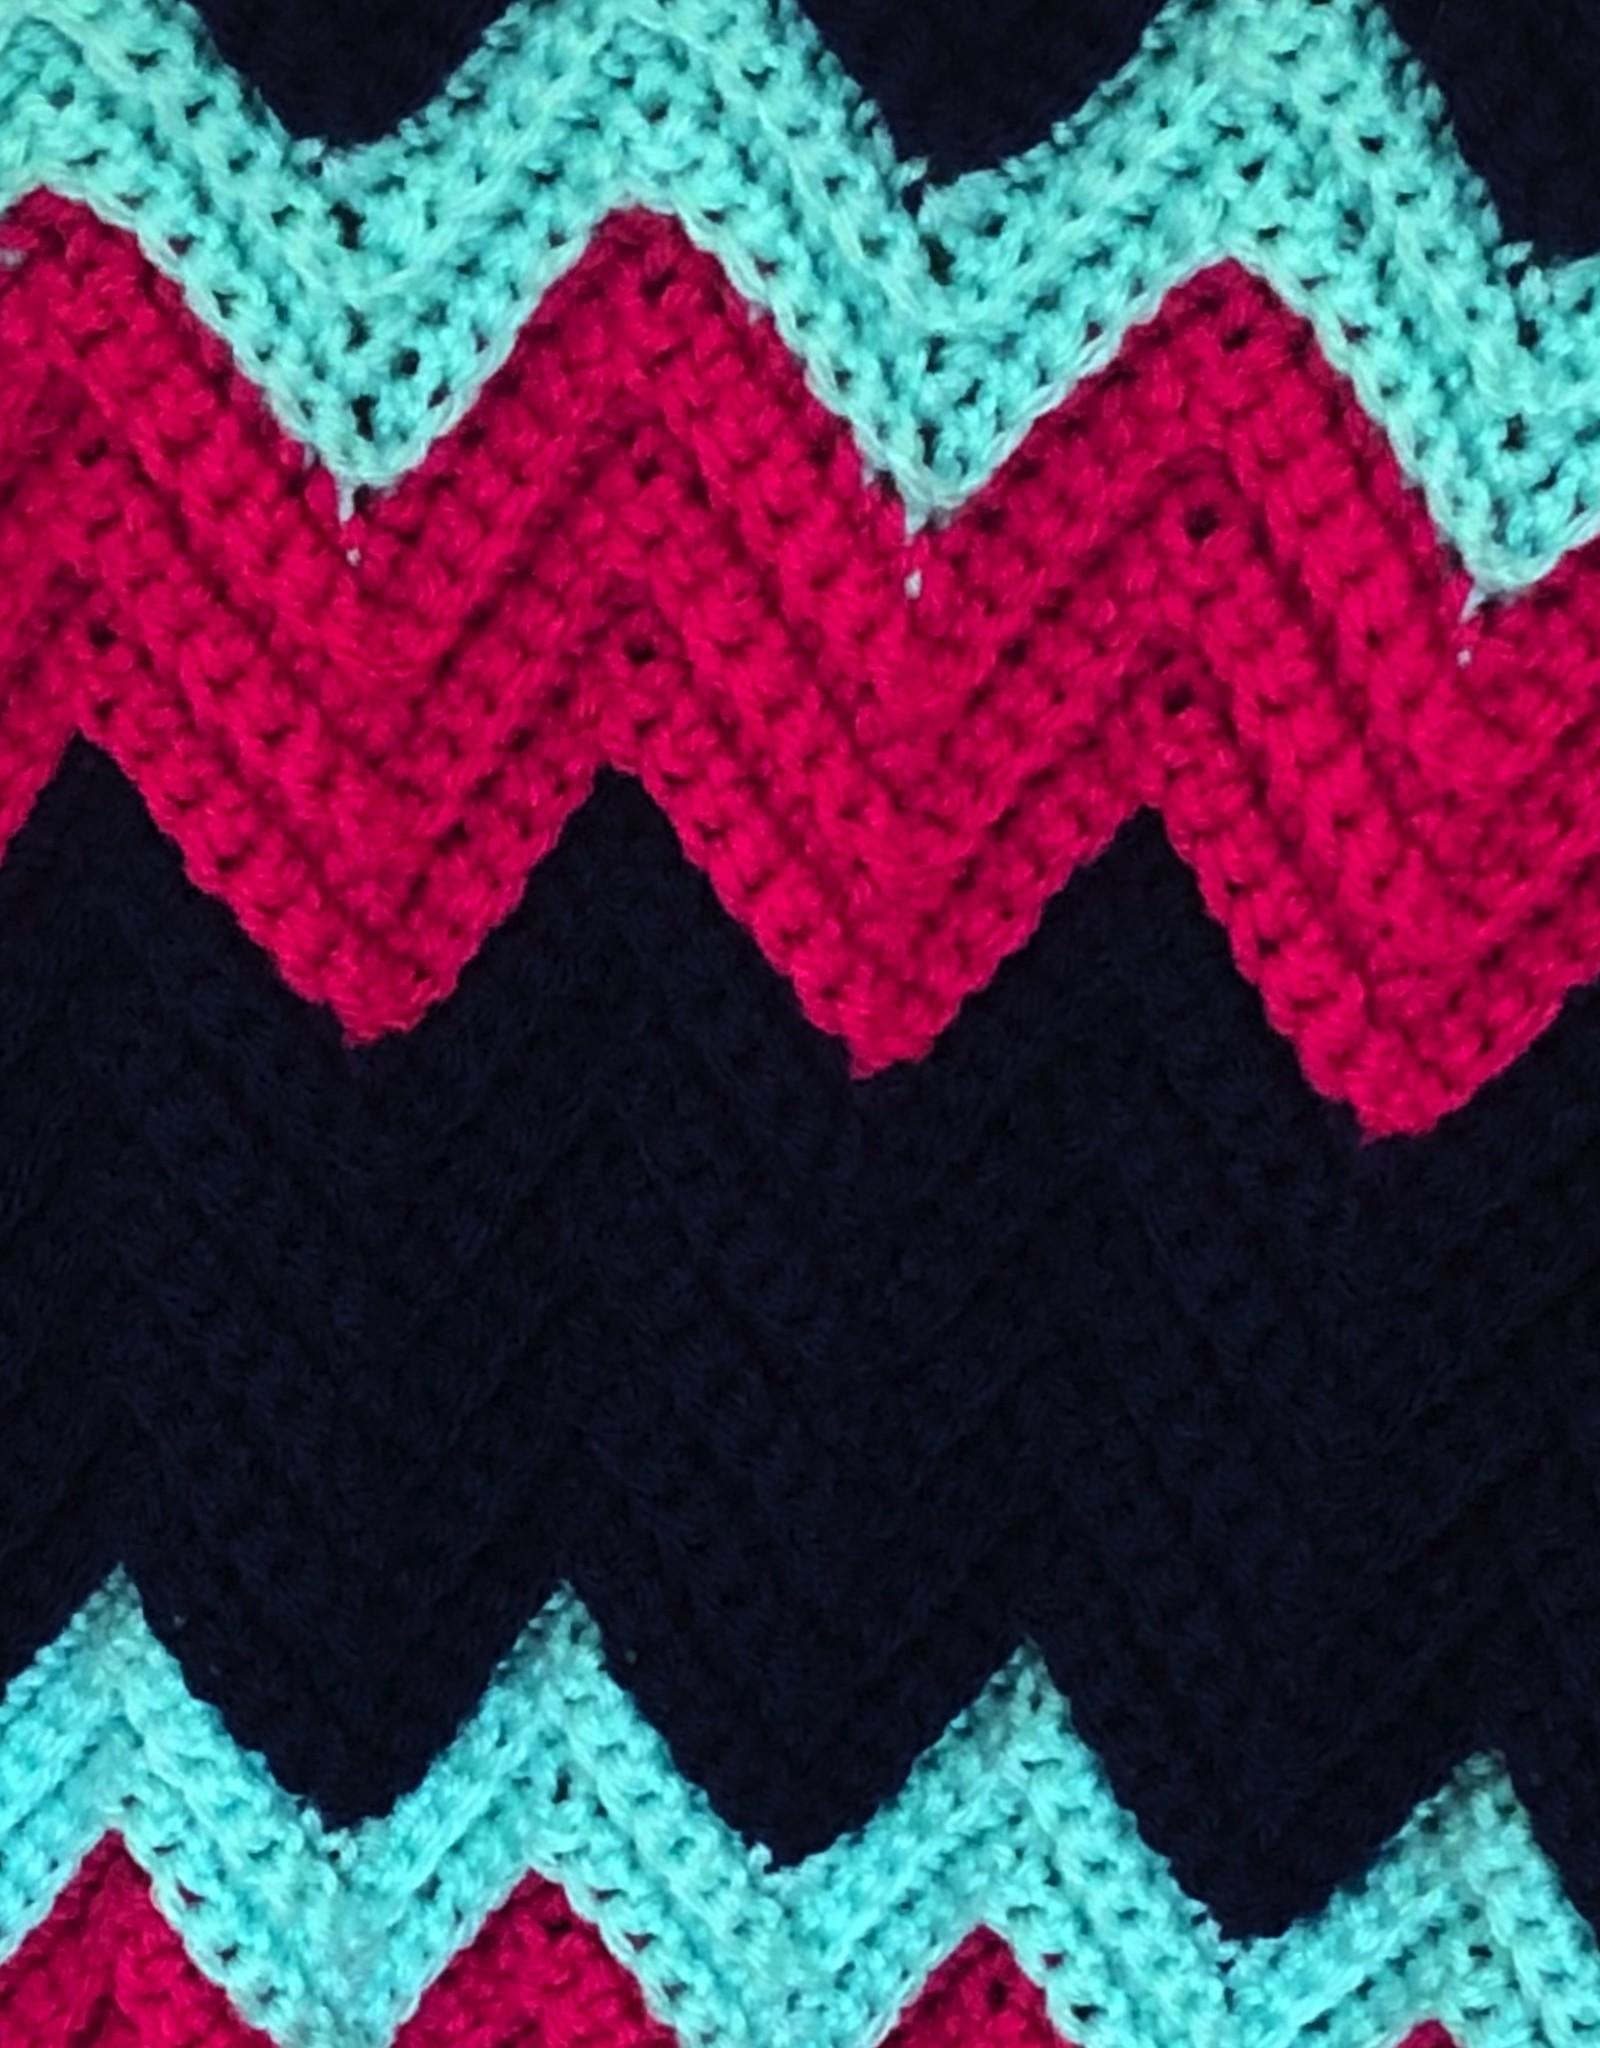 Blankets for Vets by Dottie Blankets for Vets by Dottie